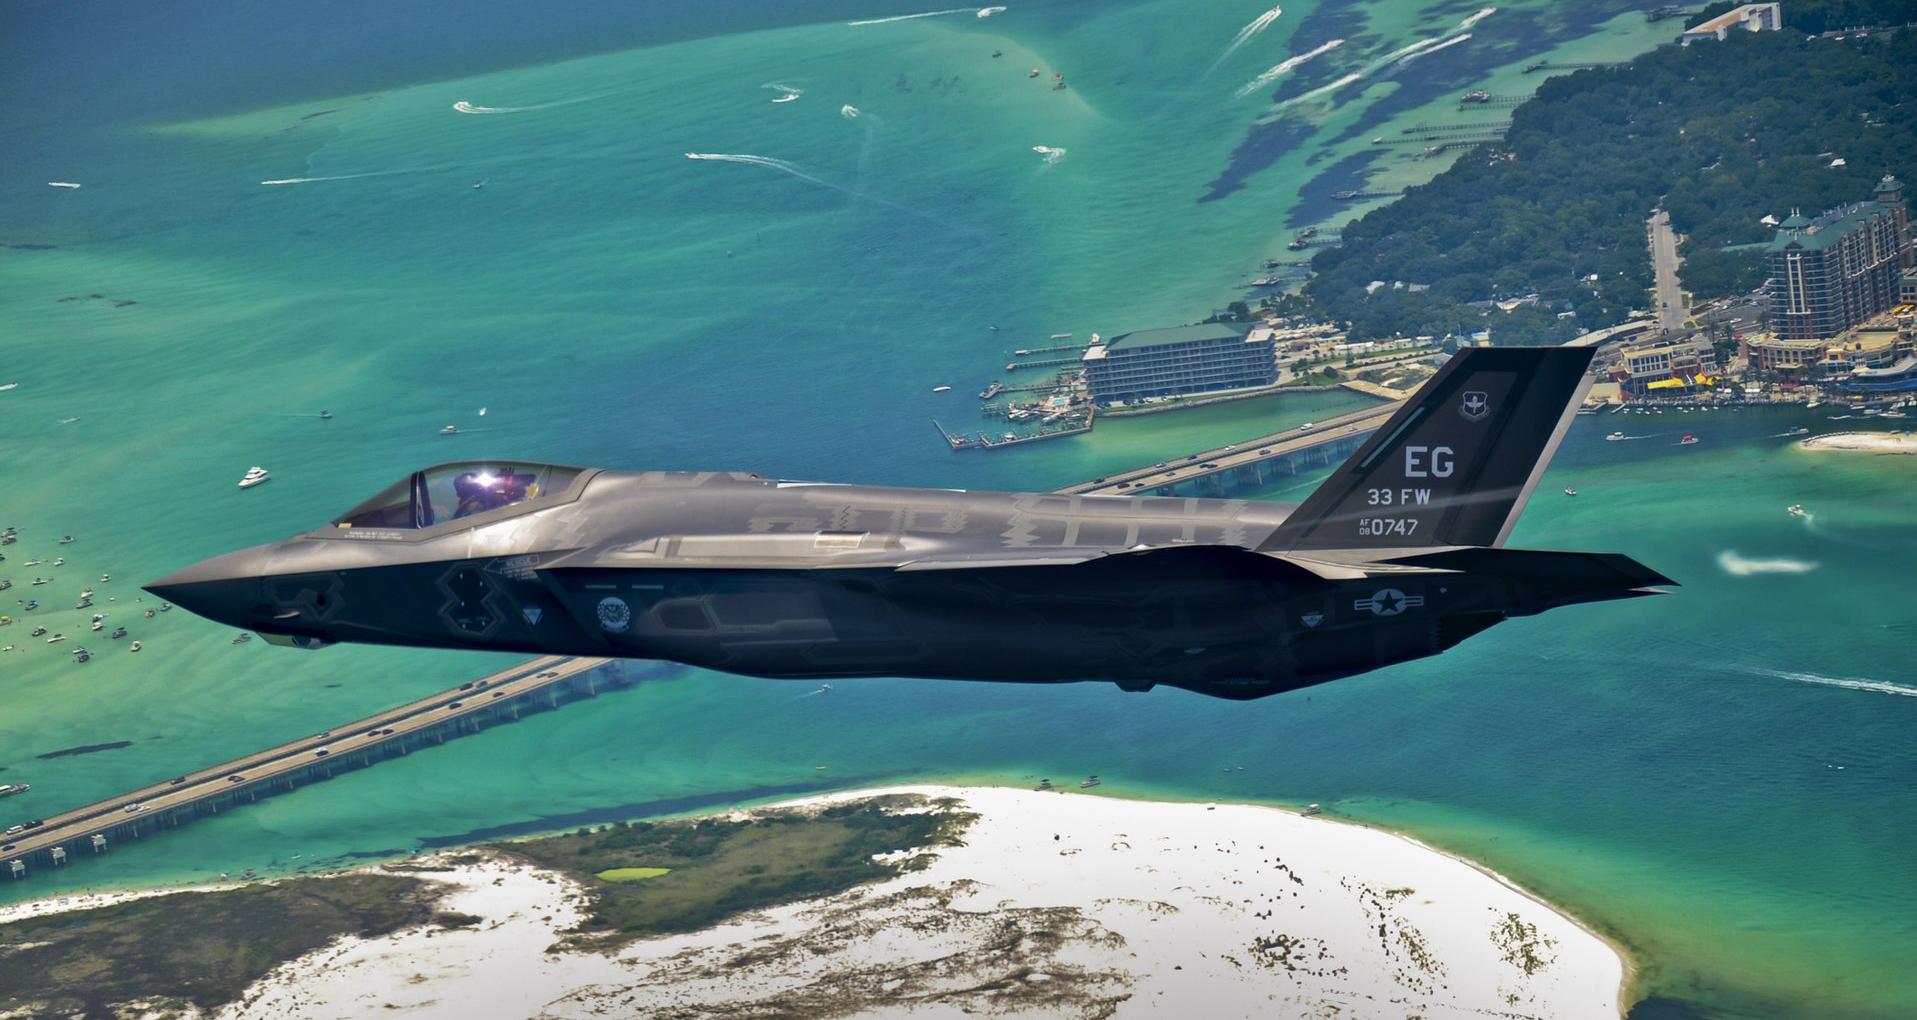 Tyrkia: Kan gjøre F-35 til lett offer